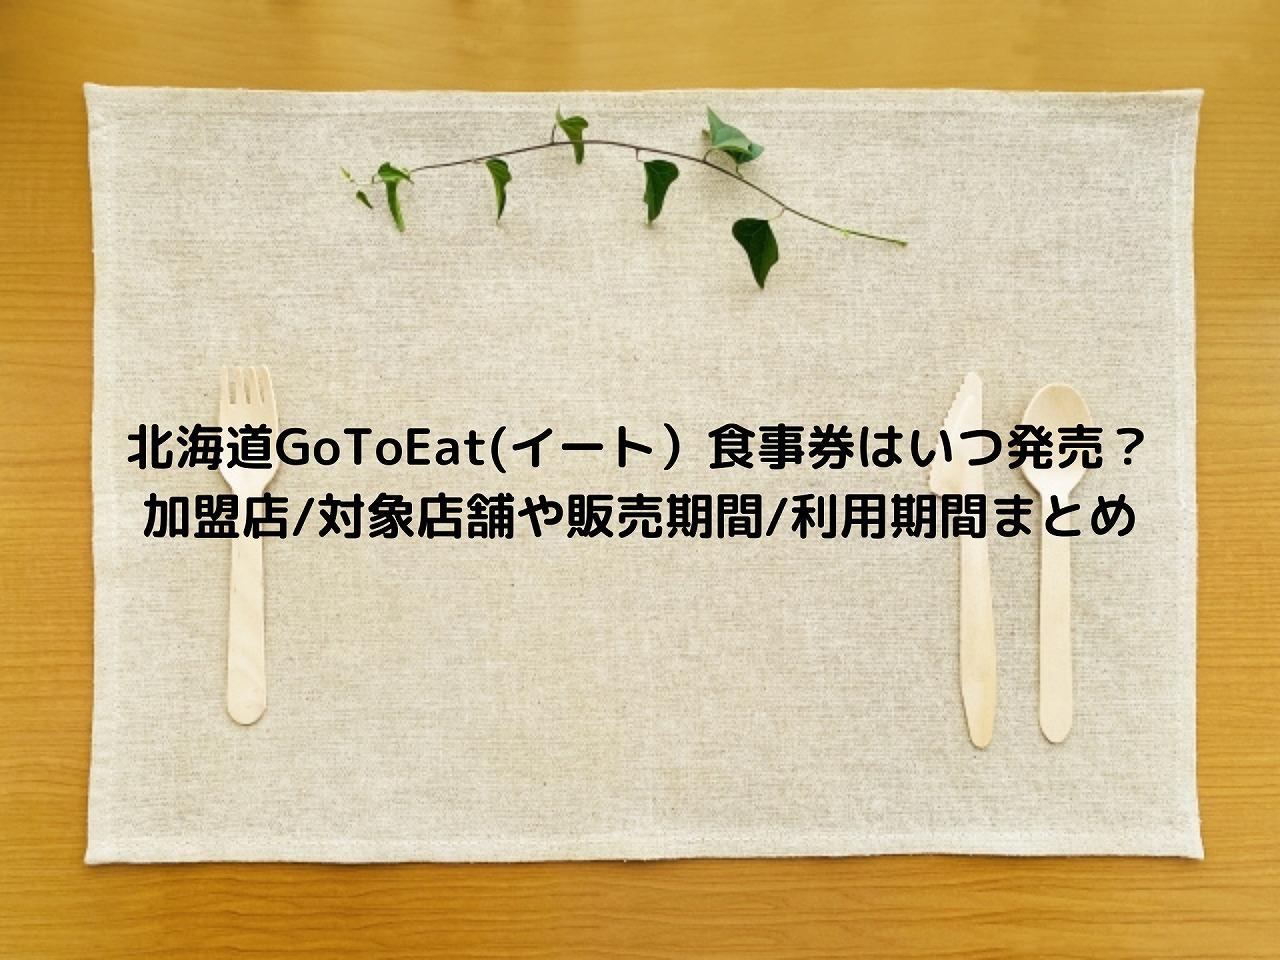 ゴートゥー イート 北海道